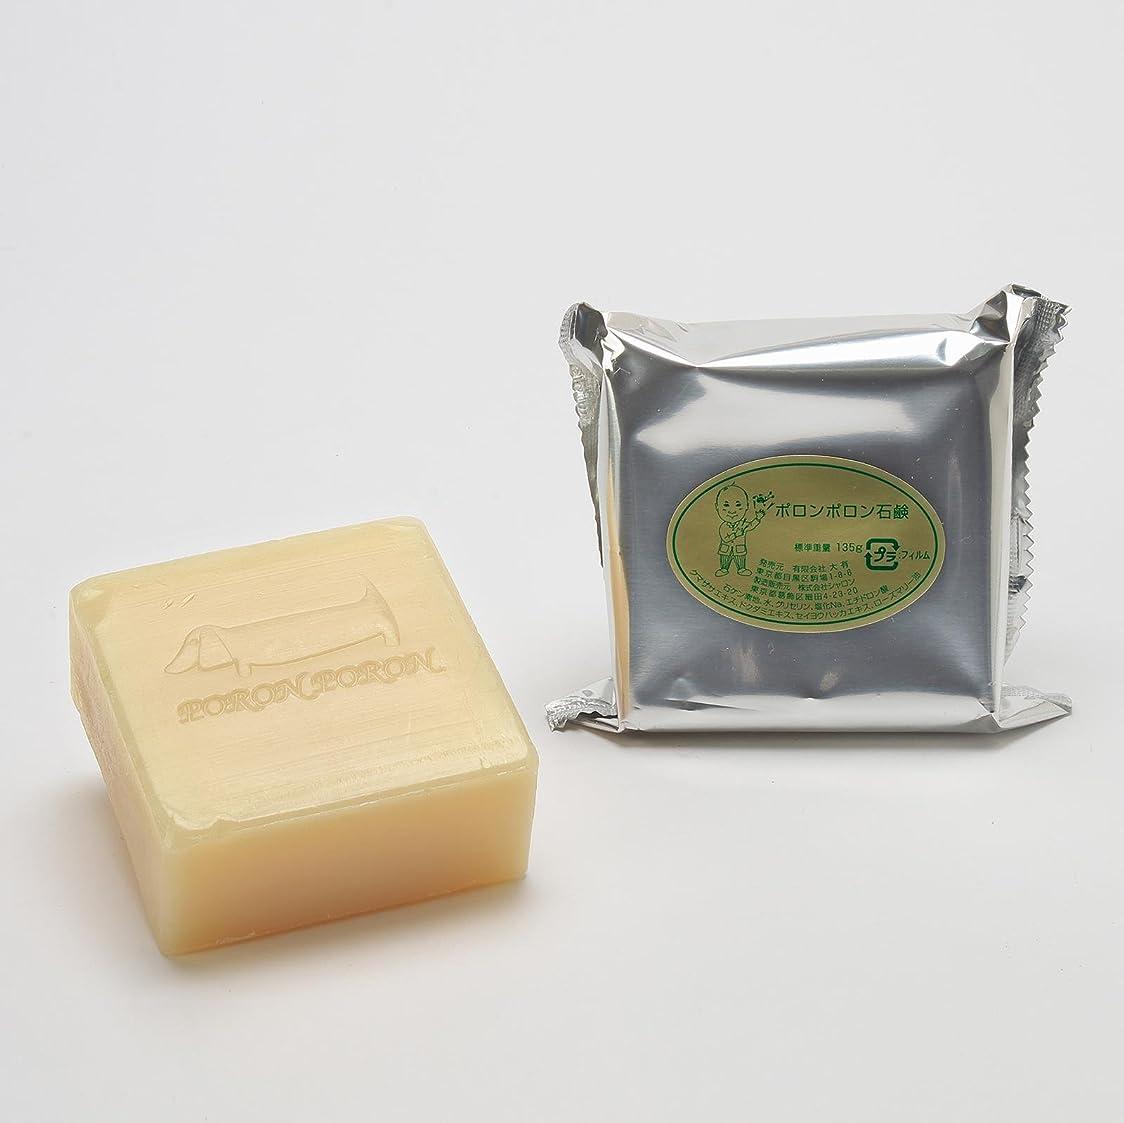 重々しいキャラバン油ポロンポロン石鹸